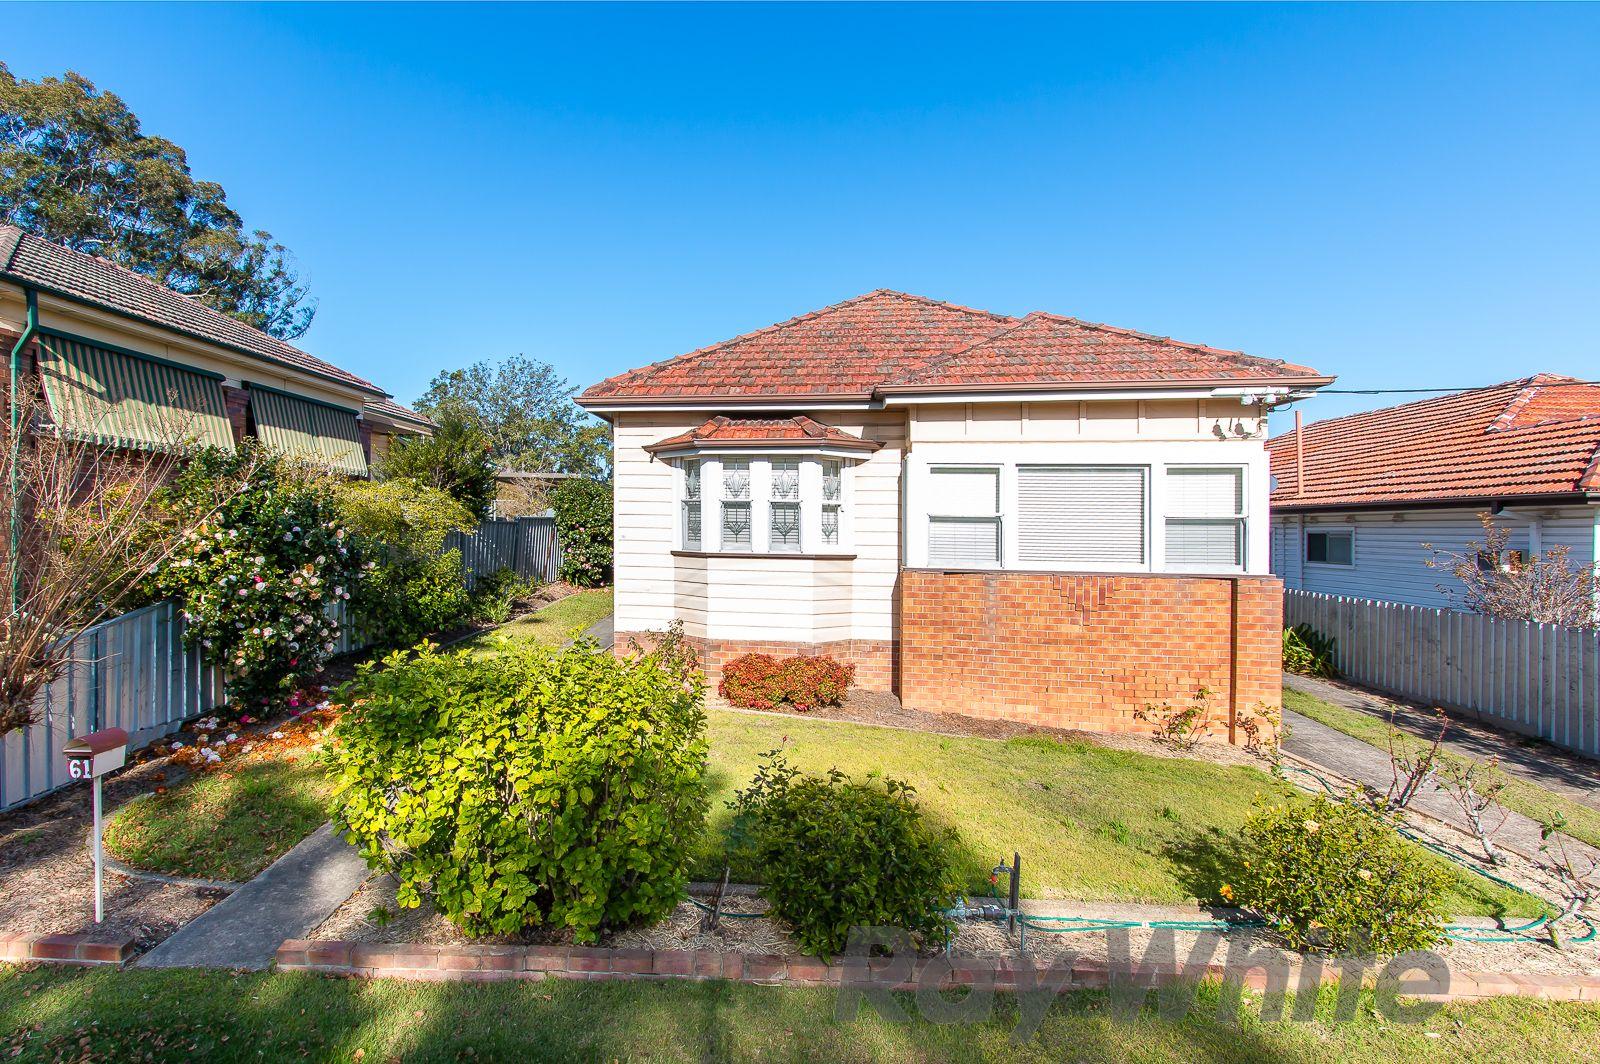 61 Grinsell Street, Kotara NSW 2289, Image 0